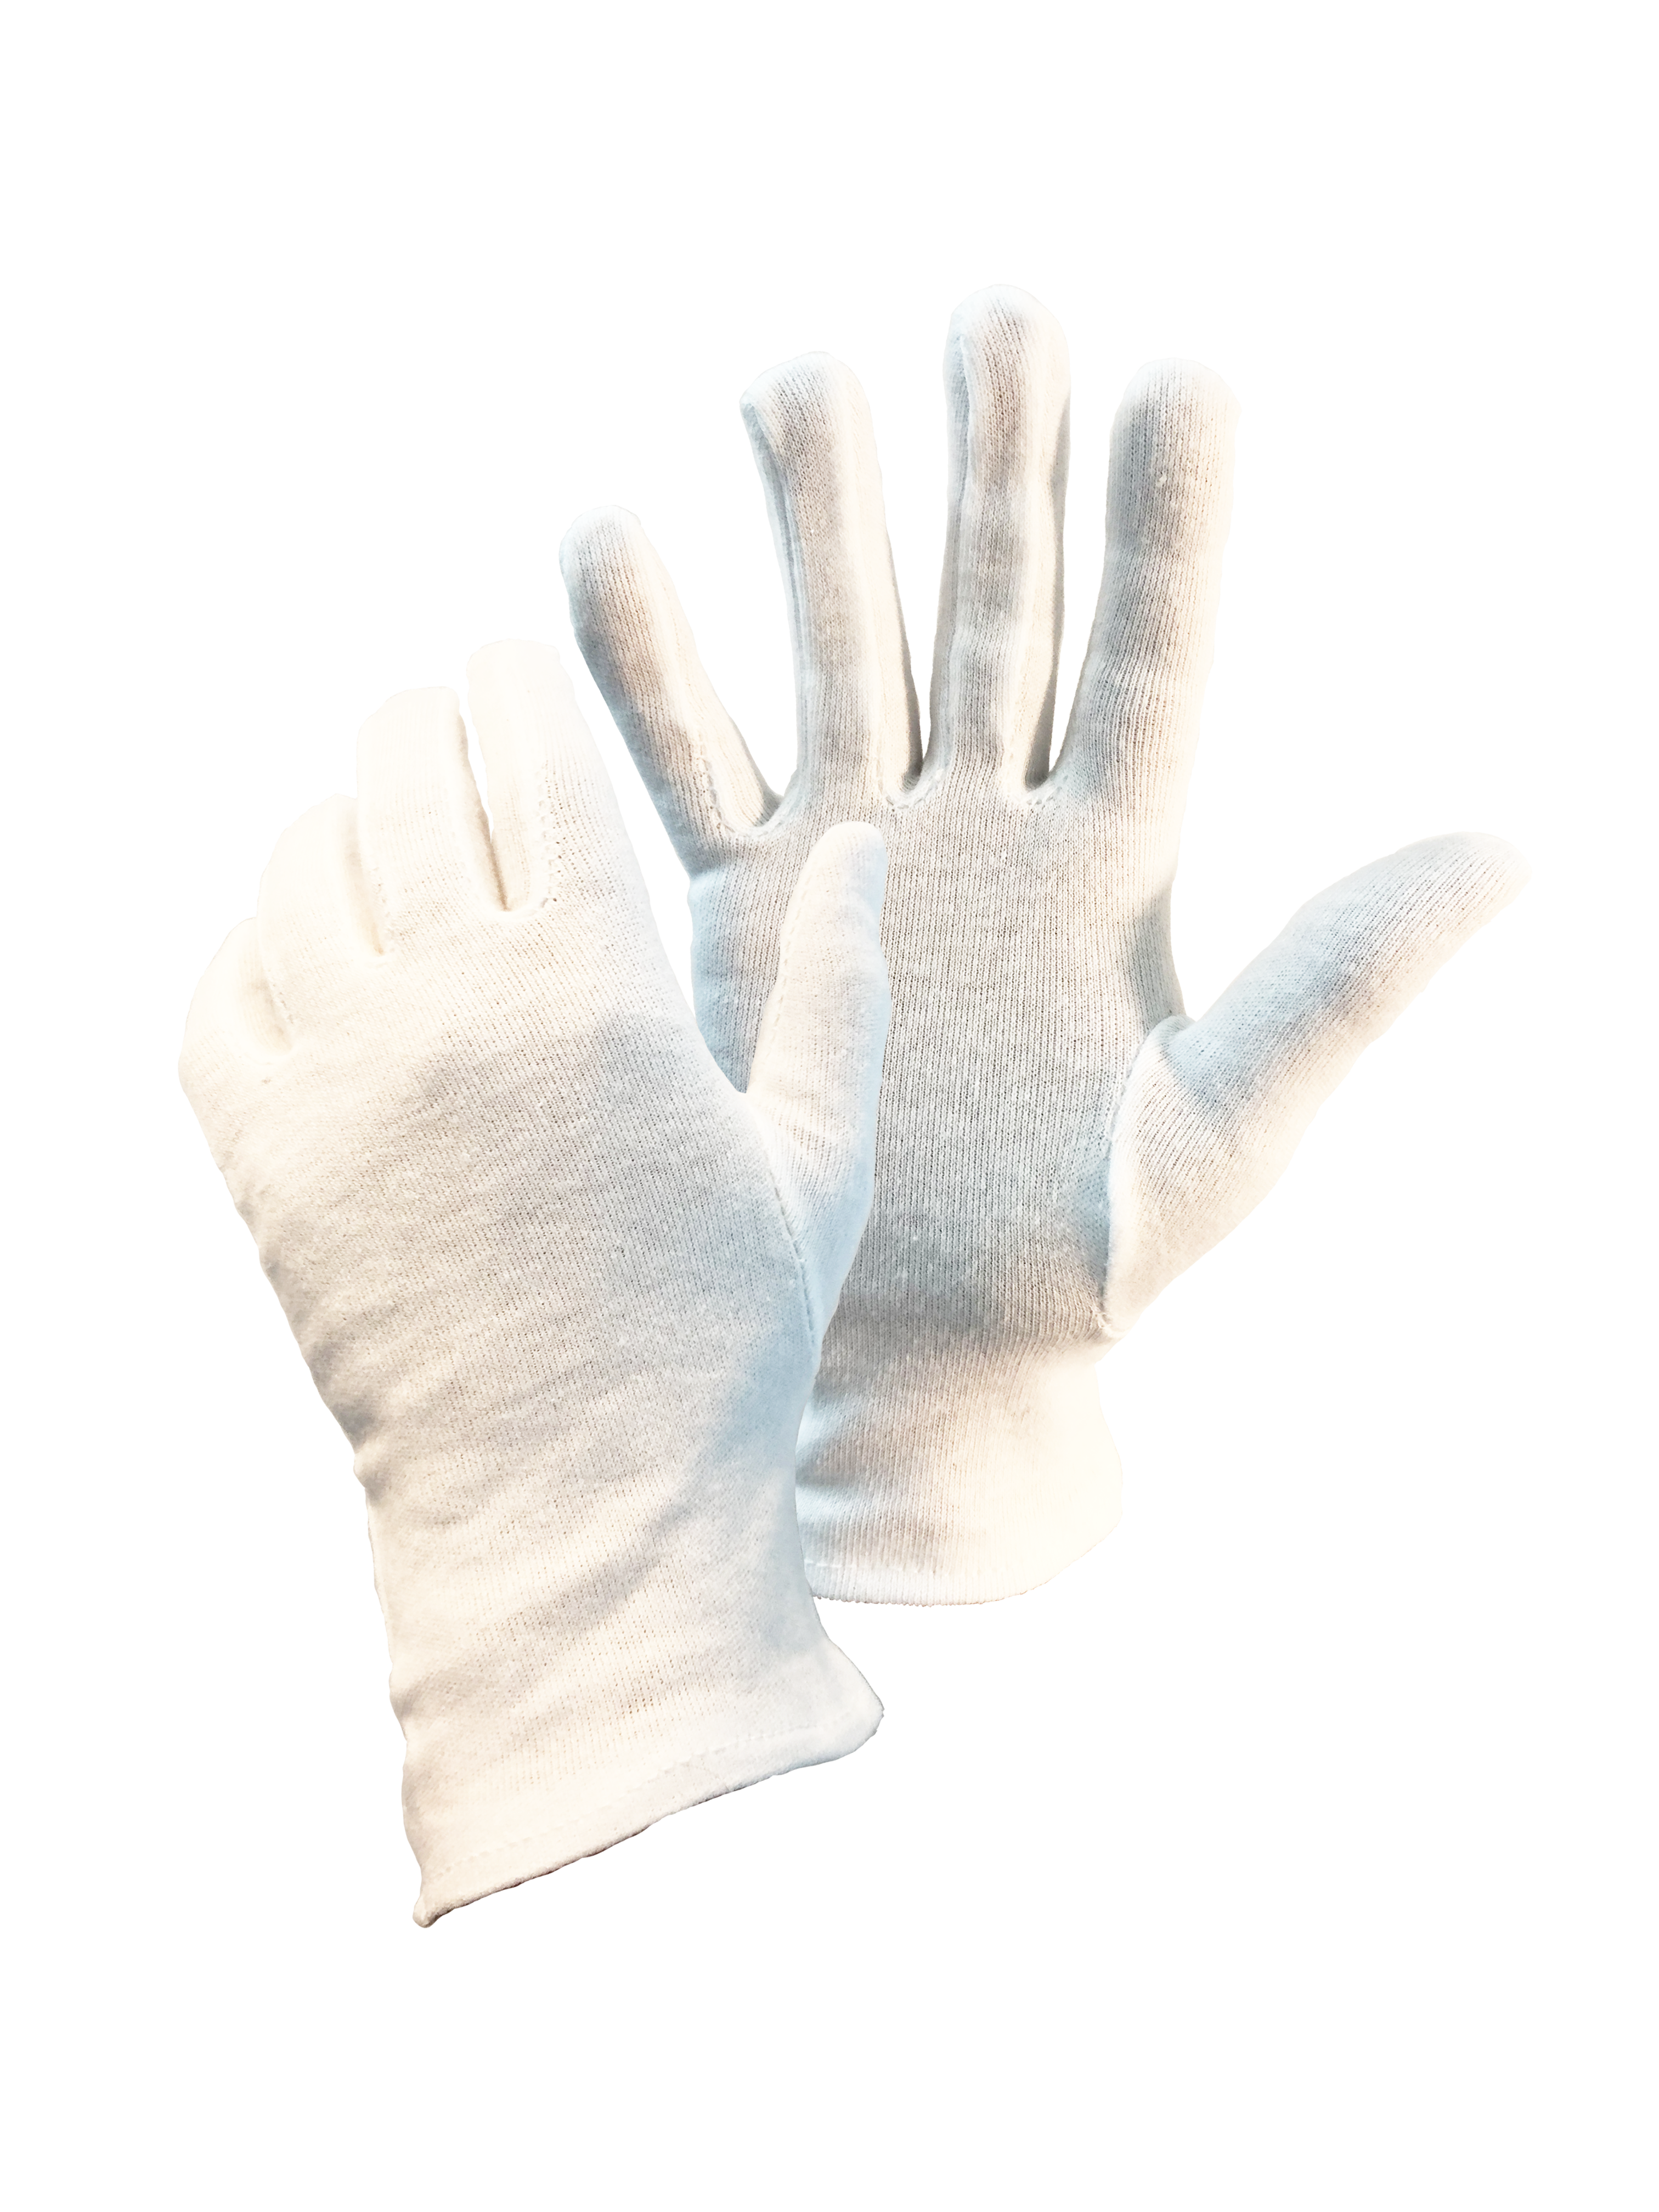 Viren-EX-Handschuh (Größe 10)